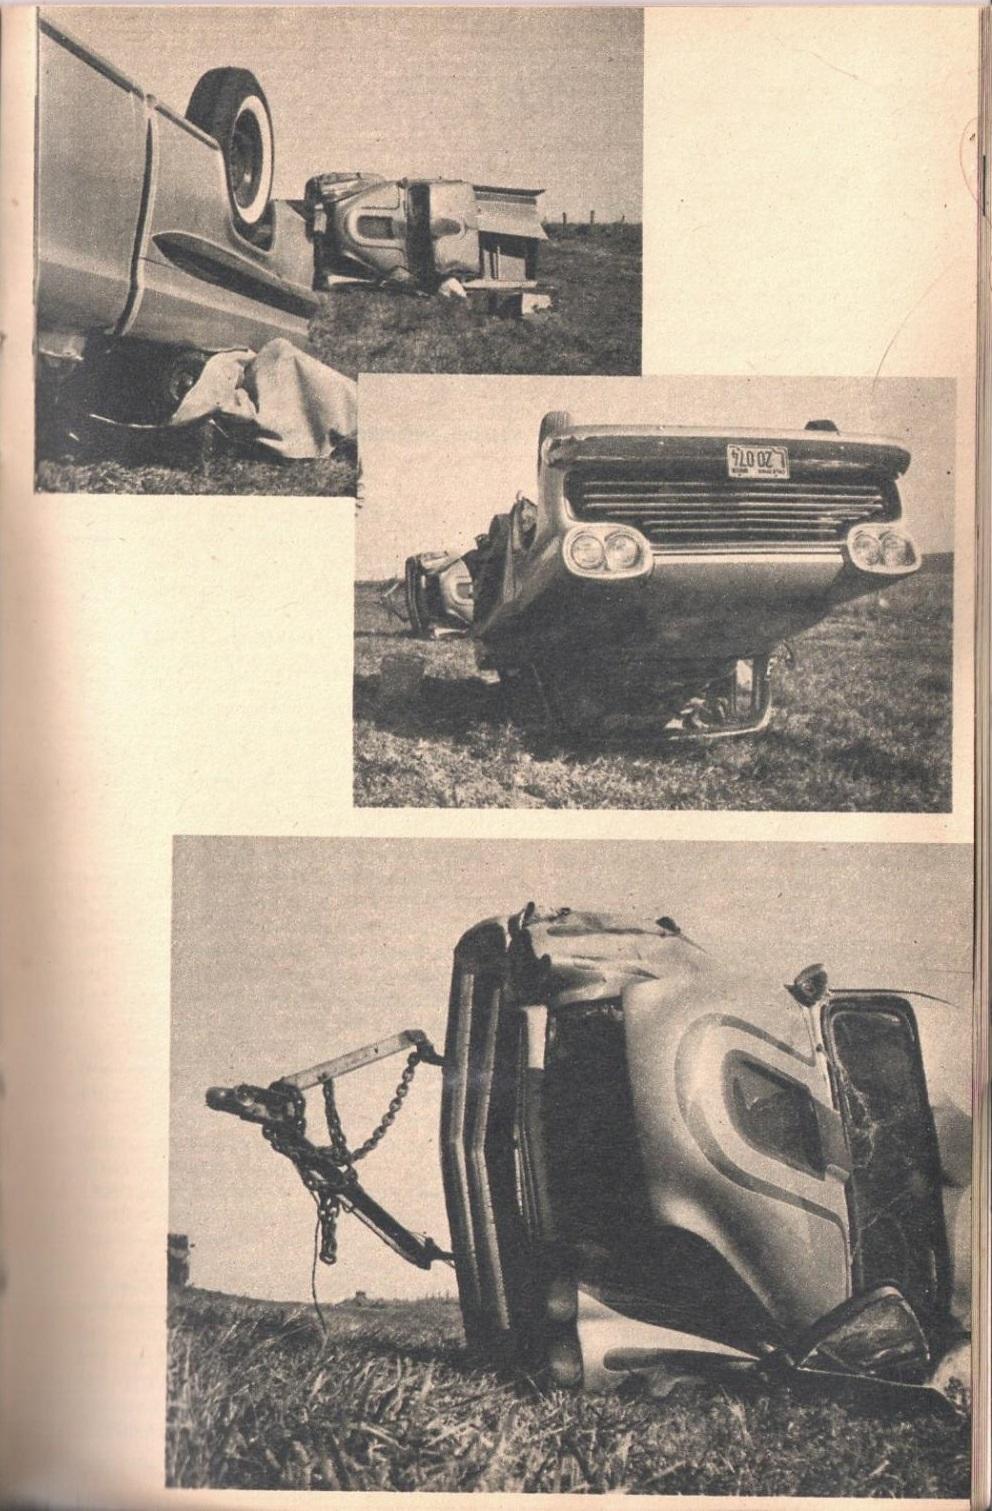 Rod et Custom - January 1959 - Tricks for Trucks - new ideas for pick up 6510